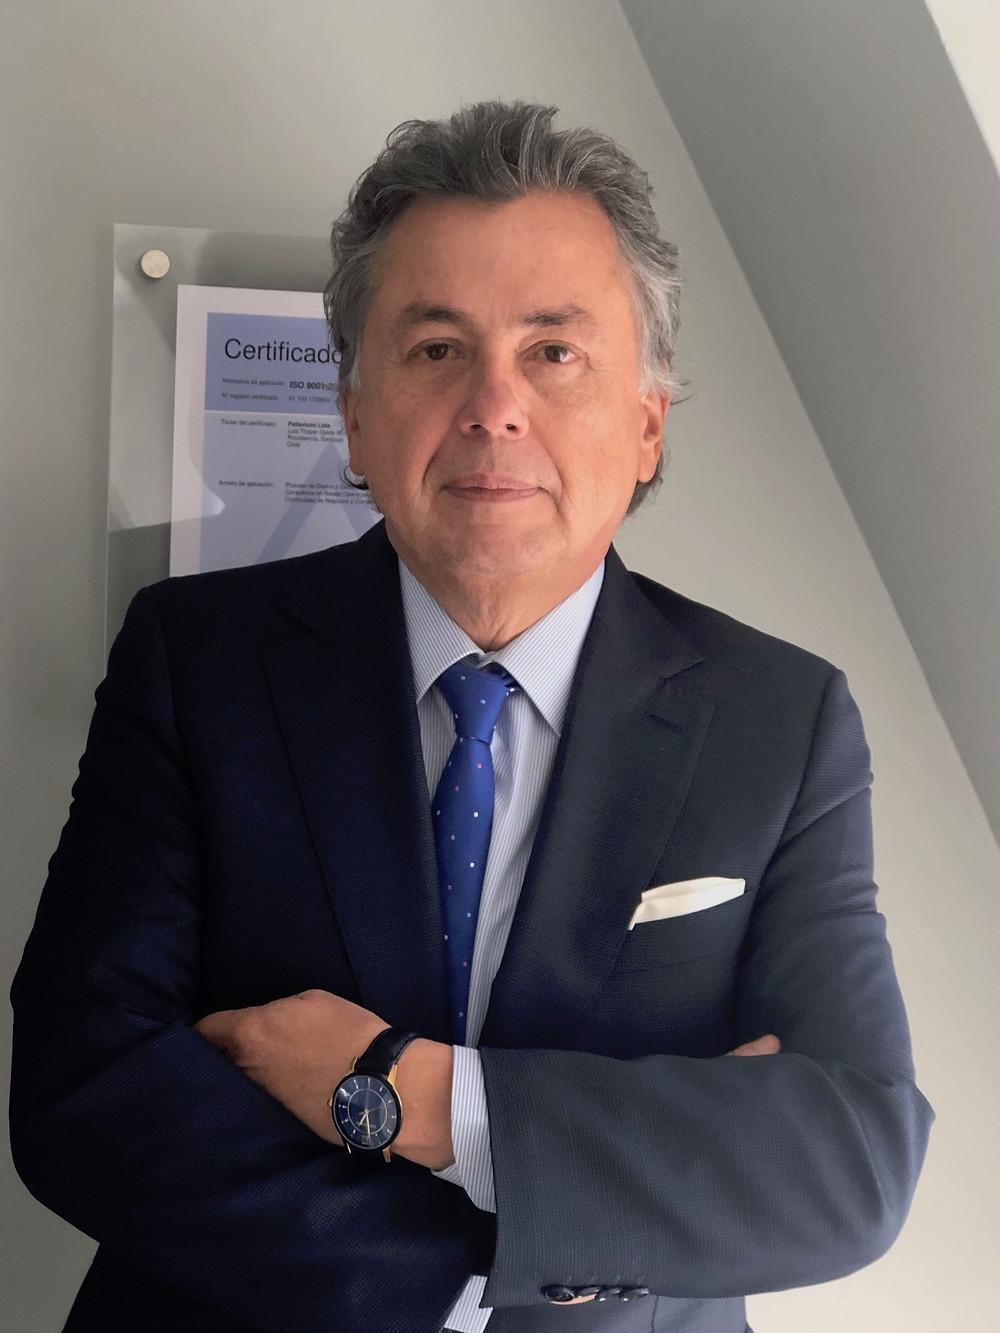 Miembro del Comité de Ciberseguridad de ACTI CEO de Pallavicini Consultores.